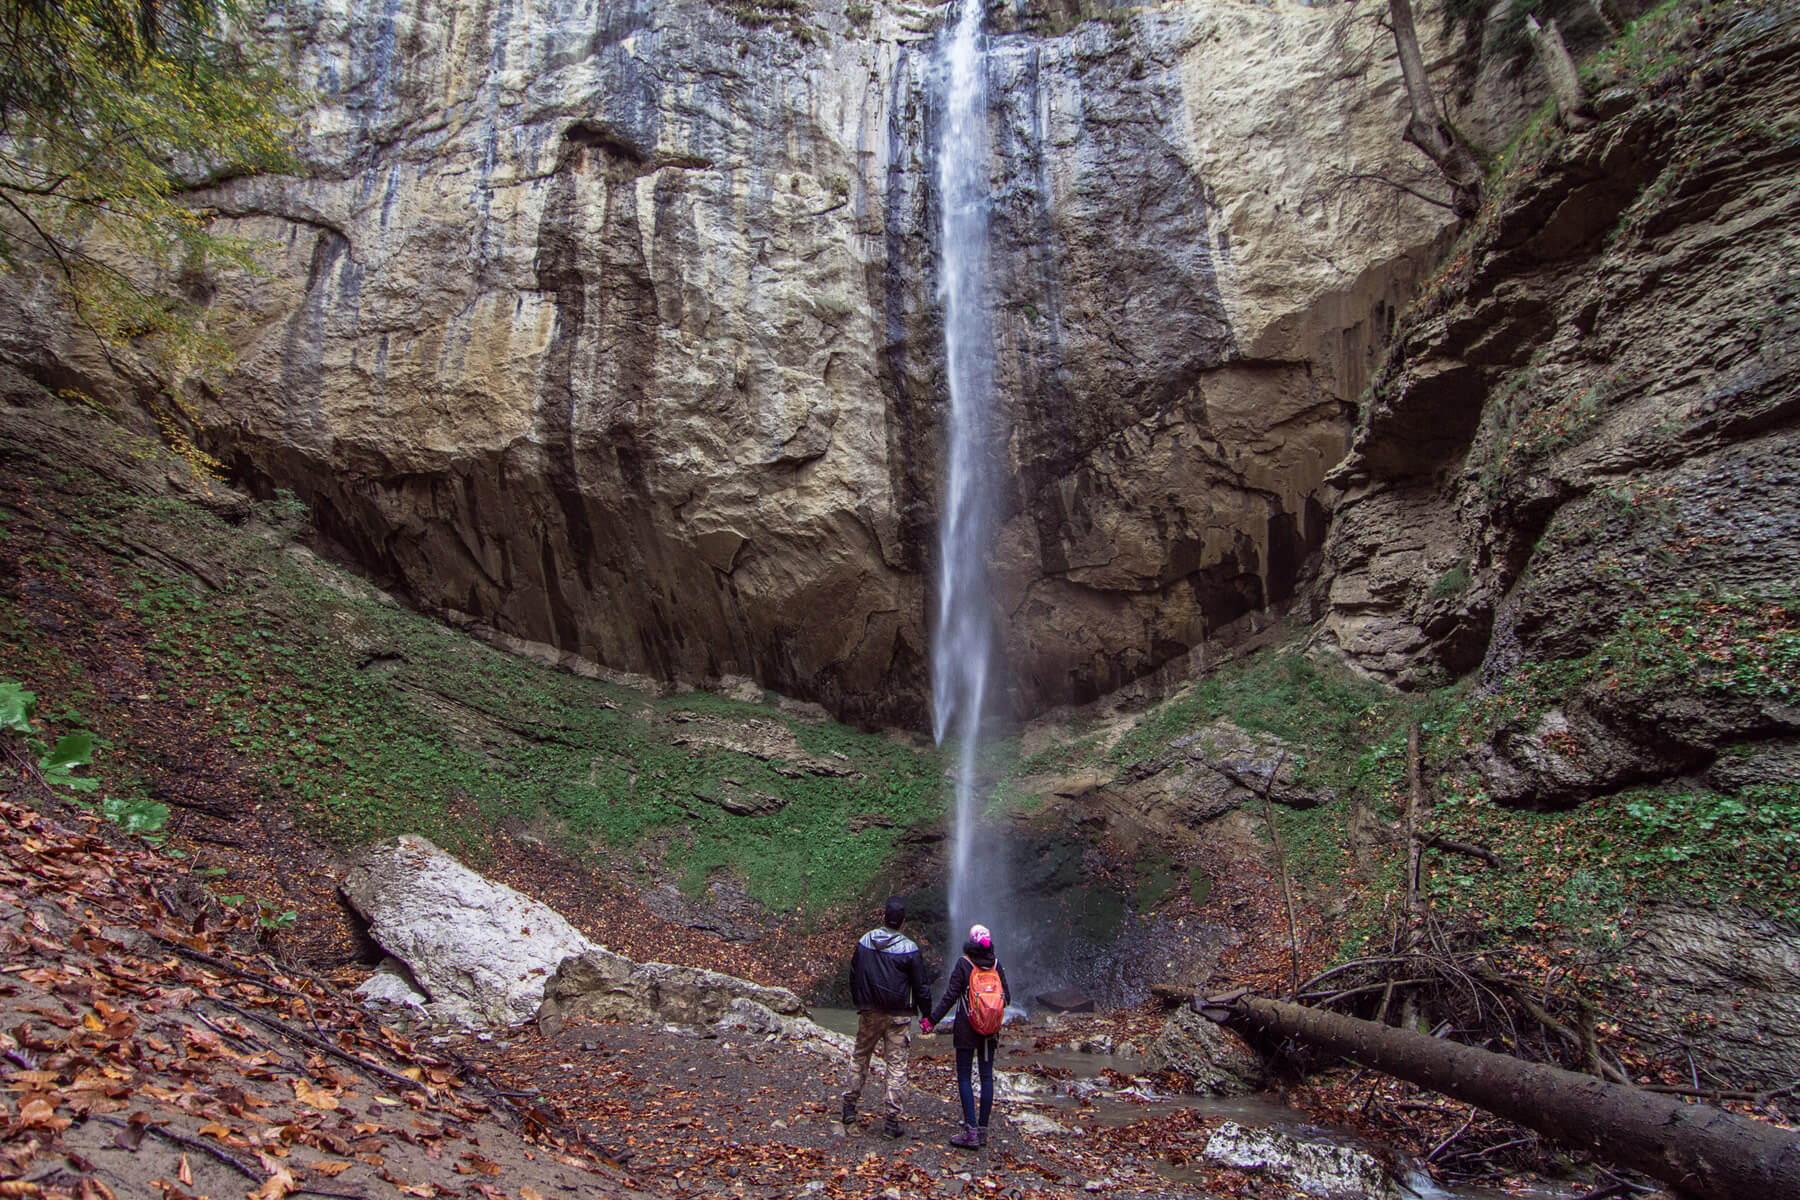 #золотоVolkswagen - двухдневная экспедиция в Мостовский район